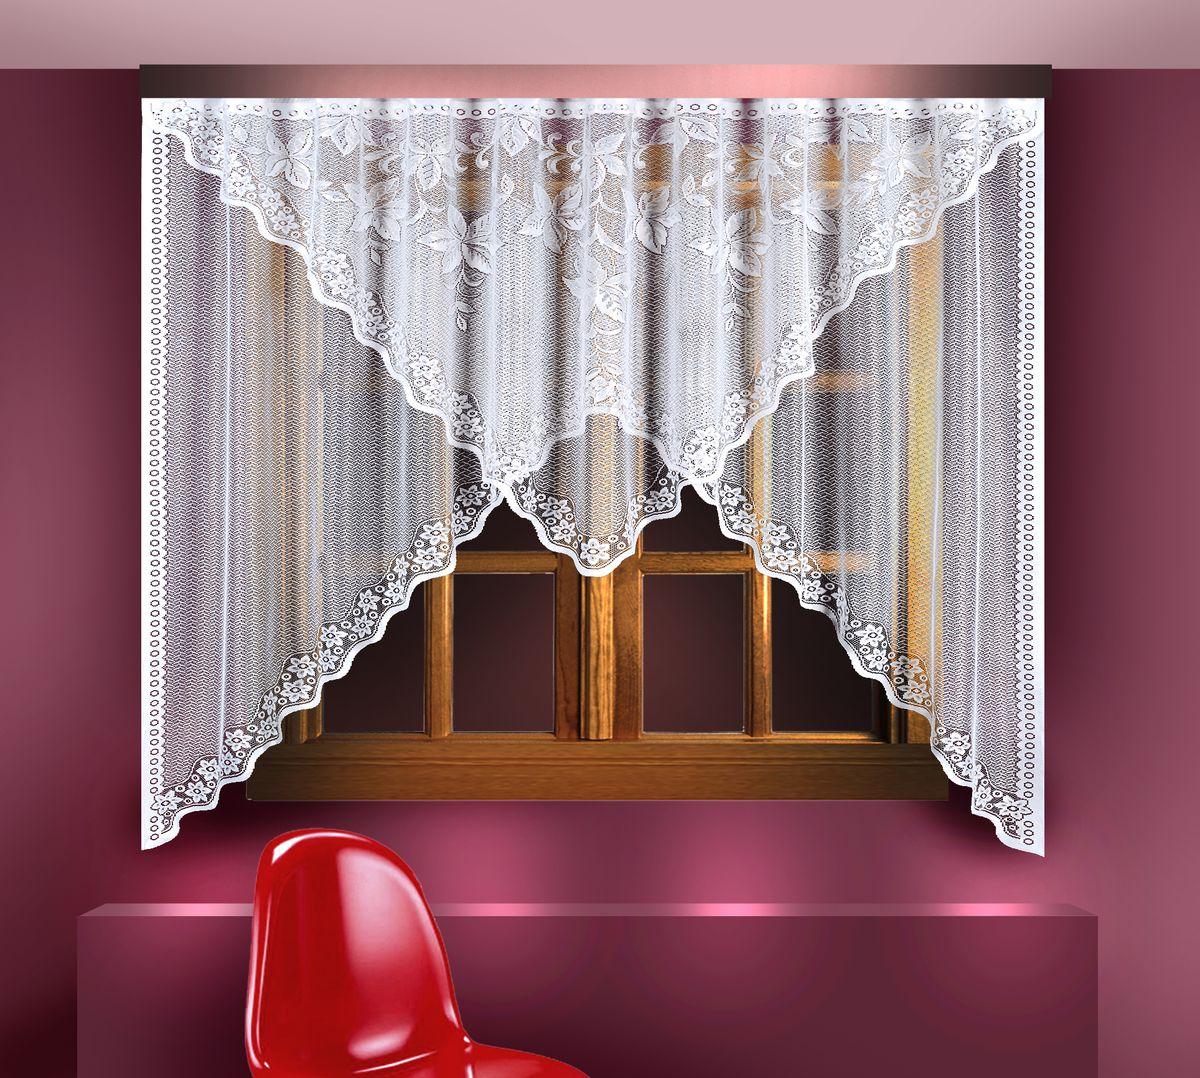 Гардина Zlata Korunka, цвет: белый, высота 180 см. 8881388813Воздушная гардина Zlata Korunka, изготовленная из полиэстера белого цвета, станет великолепным украшением любого окна. Гардина выполнена из сетчатого материала и декорирована цветочным орнаментом по краям. Вверху гардина оснащена ламбрекеном, выполненным в форме треугольника и украшенным цветочным рисунком. Тонкое плетение и оригинальный дизайн привлекут к себе внимание и органично впишутся в интерьер. Верхняя часть гардины не оснащена креплениями.